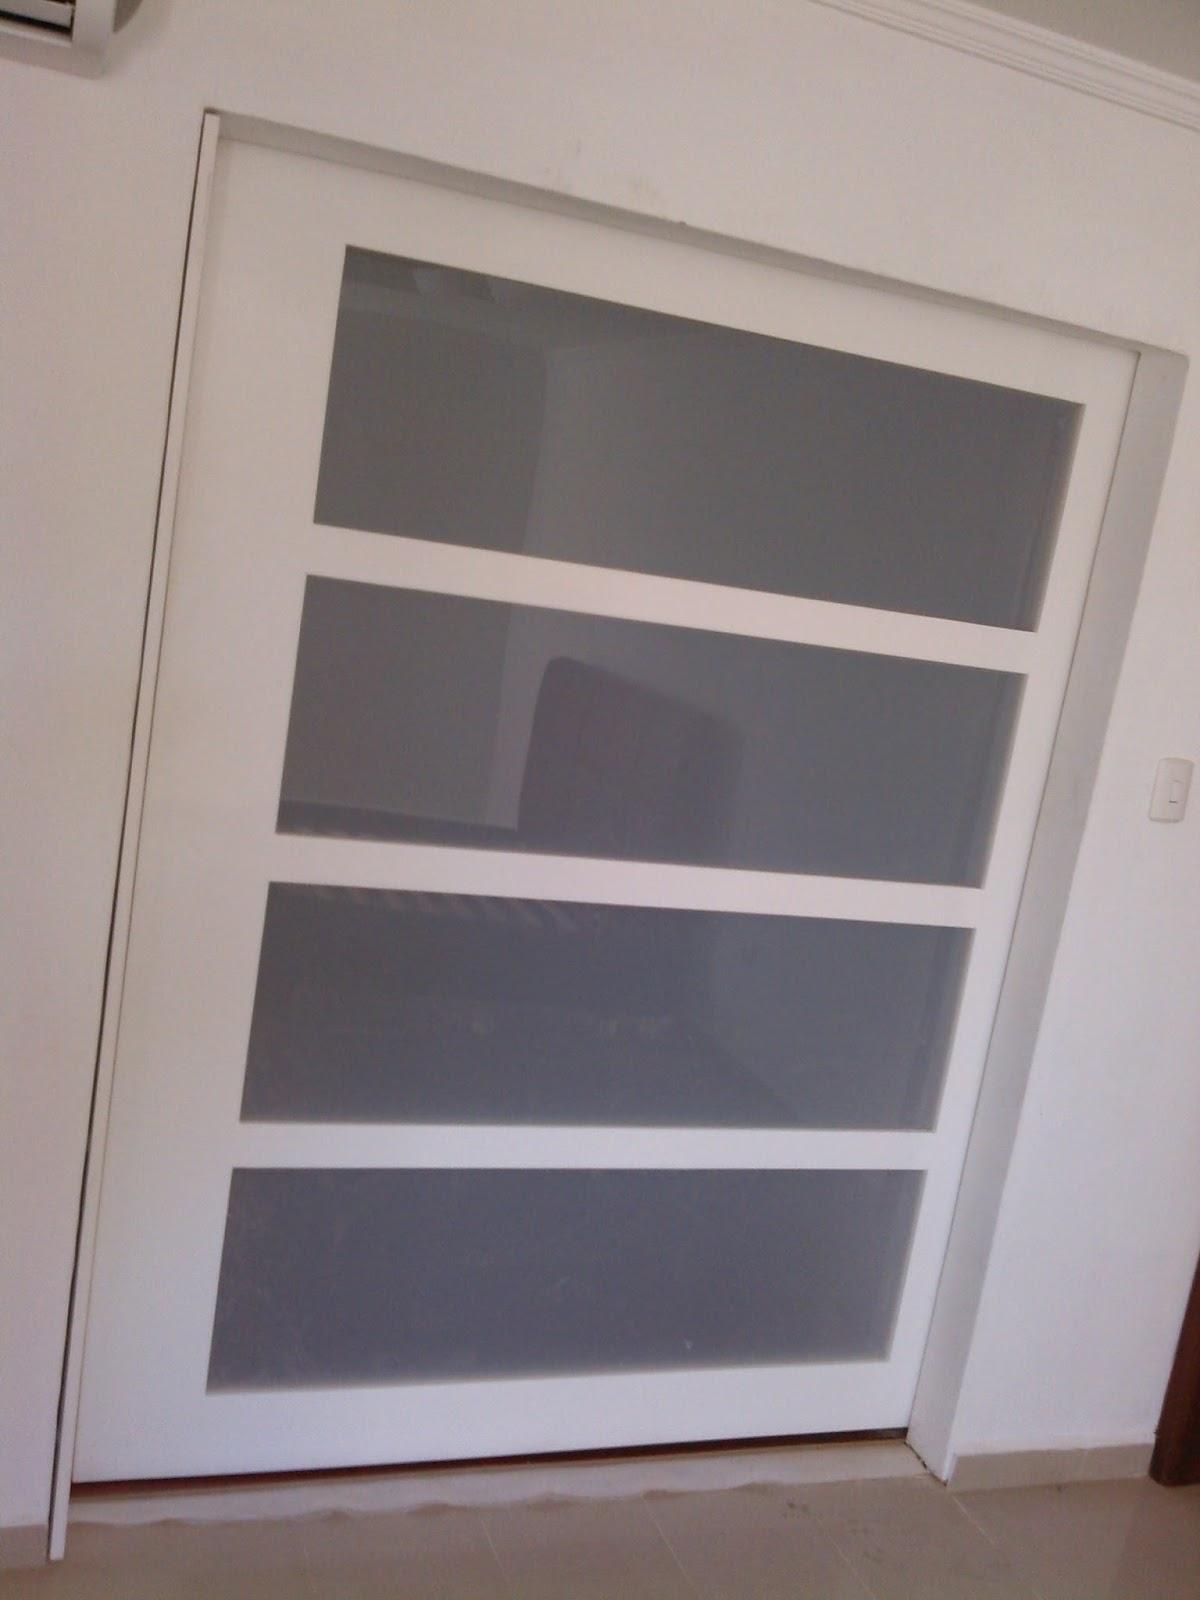 Fotos de muebles modulares for Ver modulares modernos